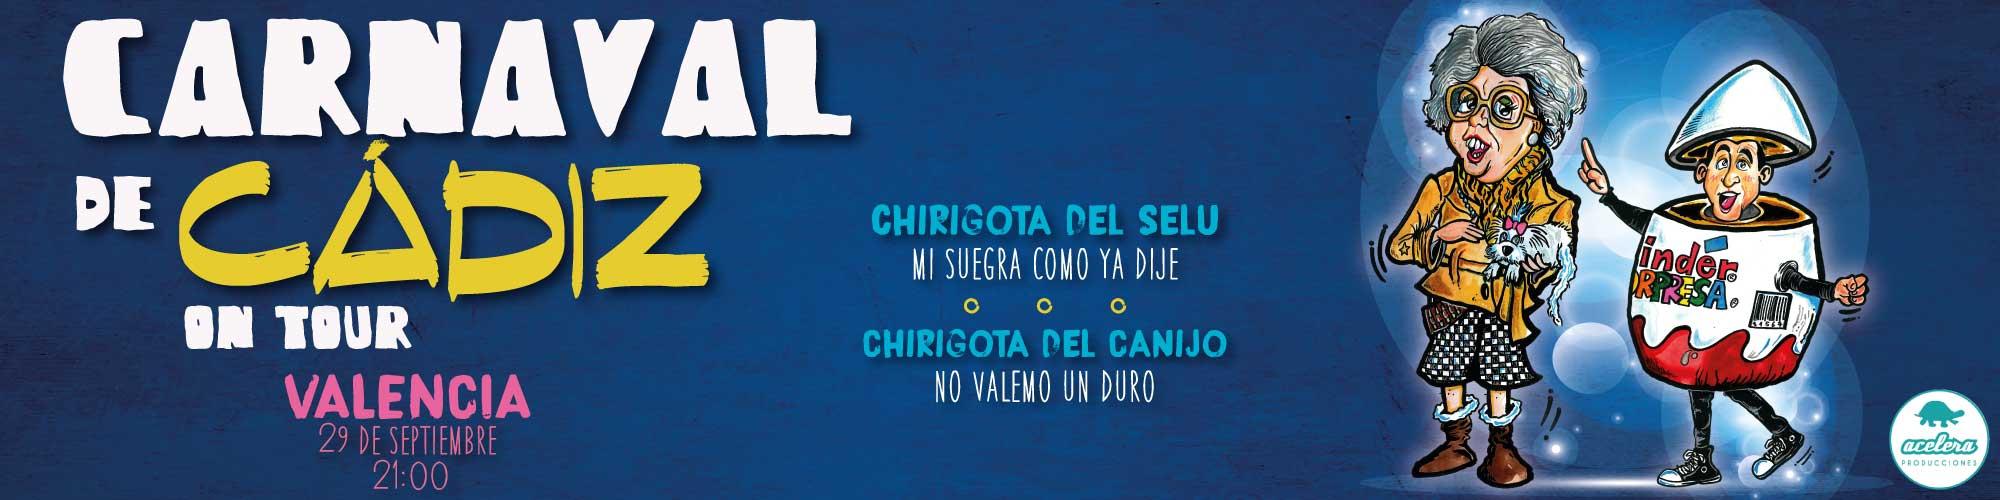 2017-09-29-Chirigotas